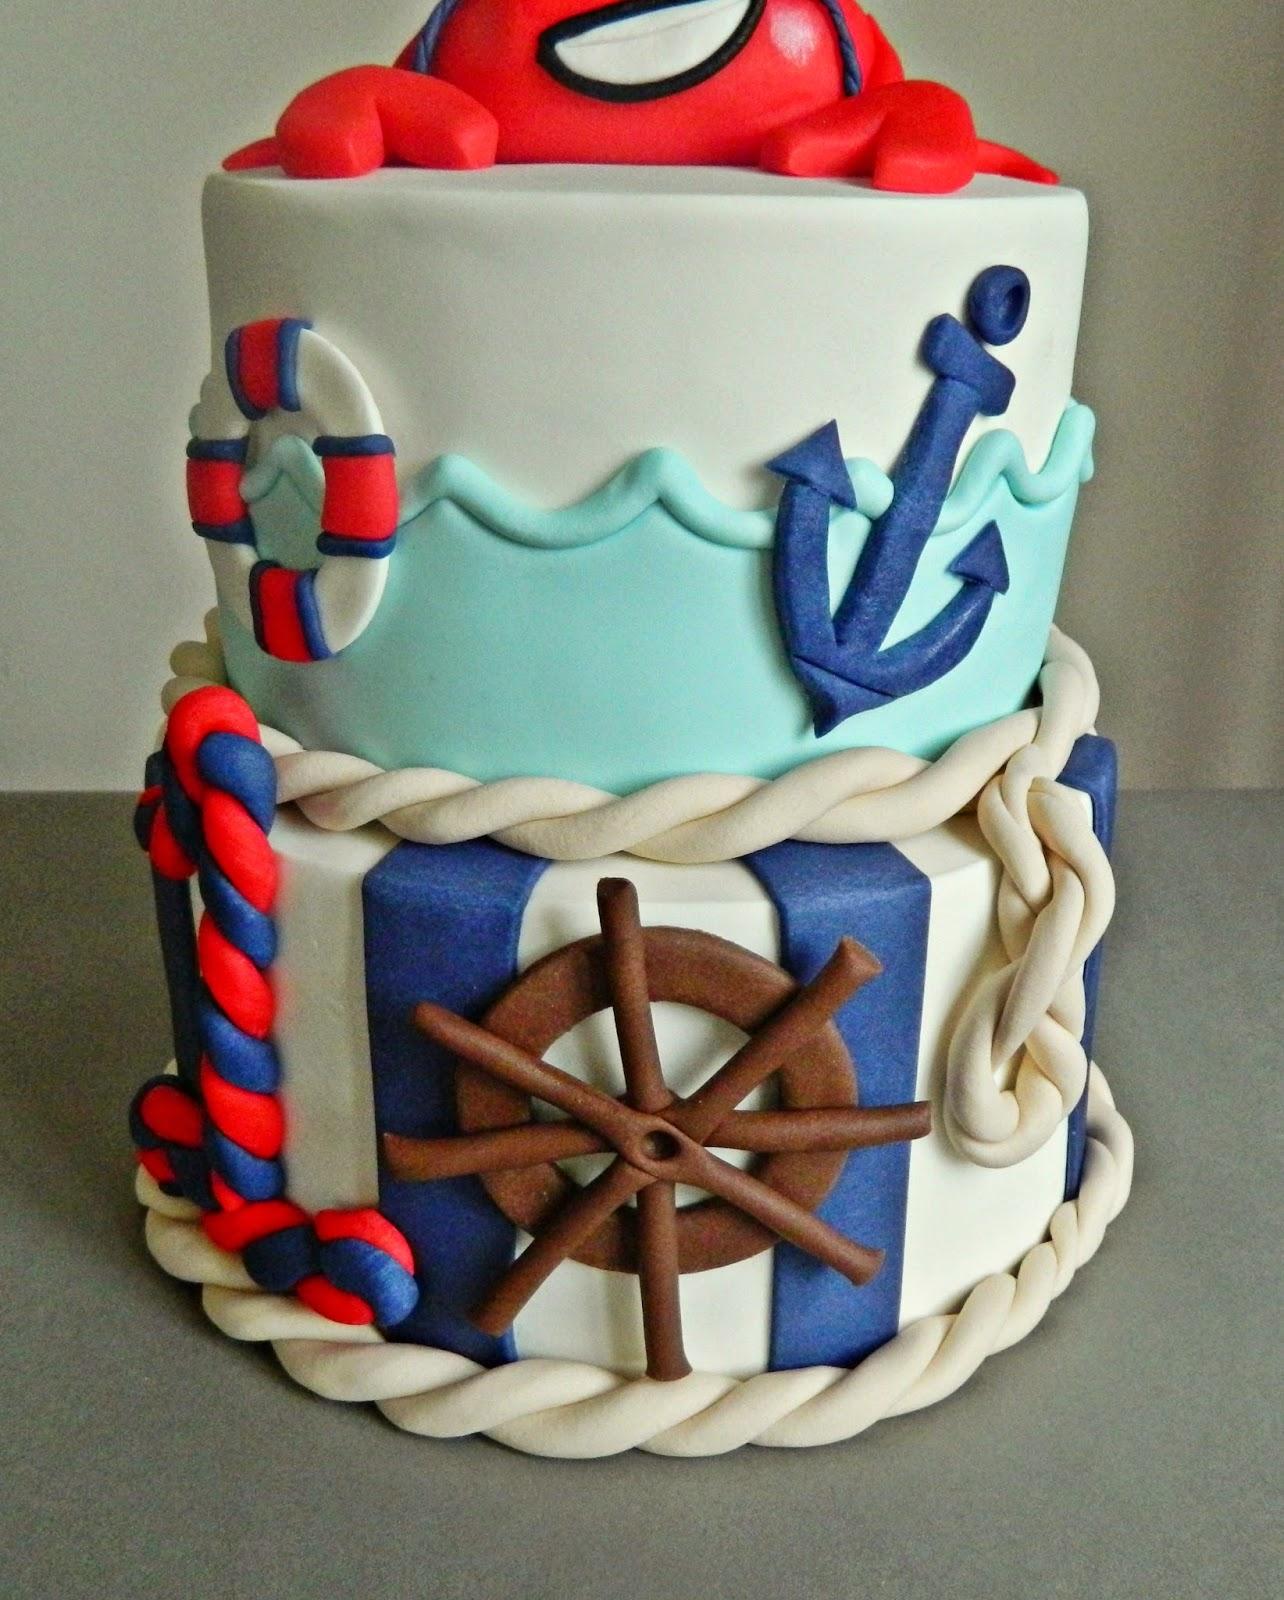 edirne denizci butik pasta